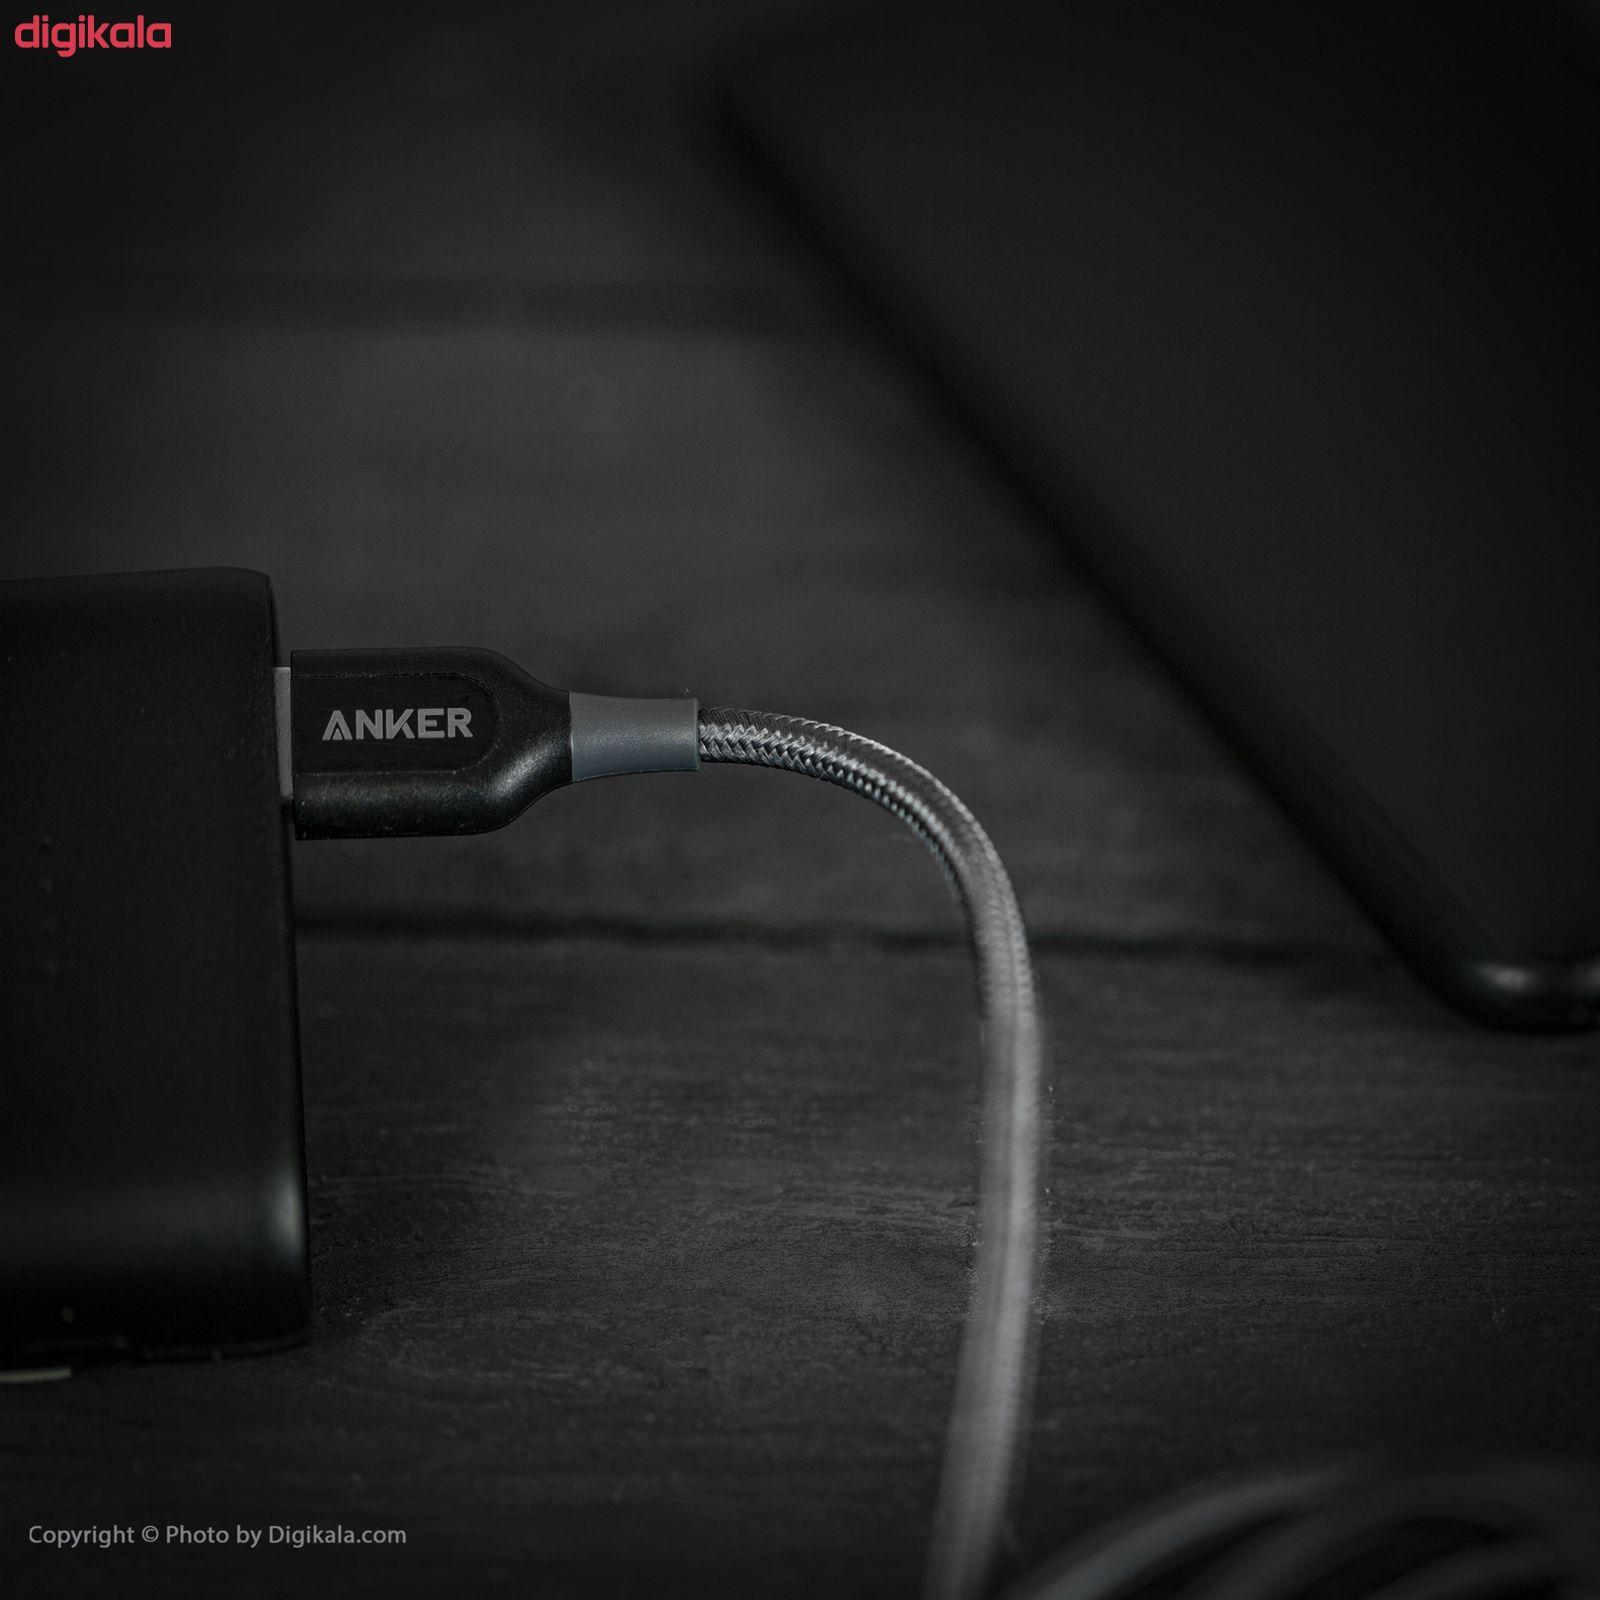 کابل تبدیل USB به لایتنینگ انکر مدل A8122 PowerLine Plus طول 1.8 متر main 1 21